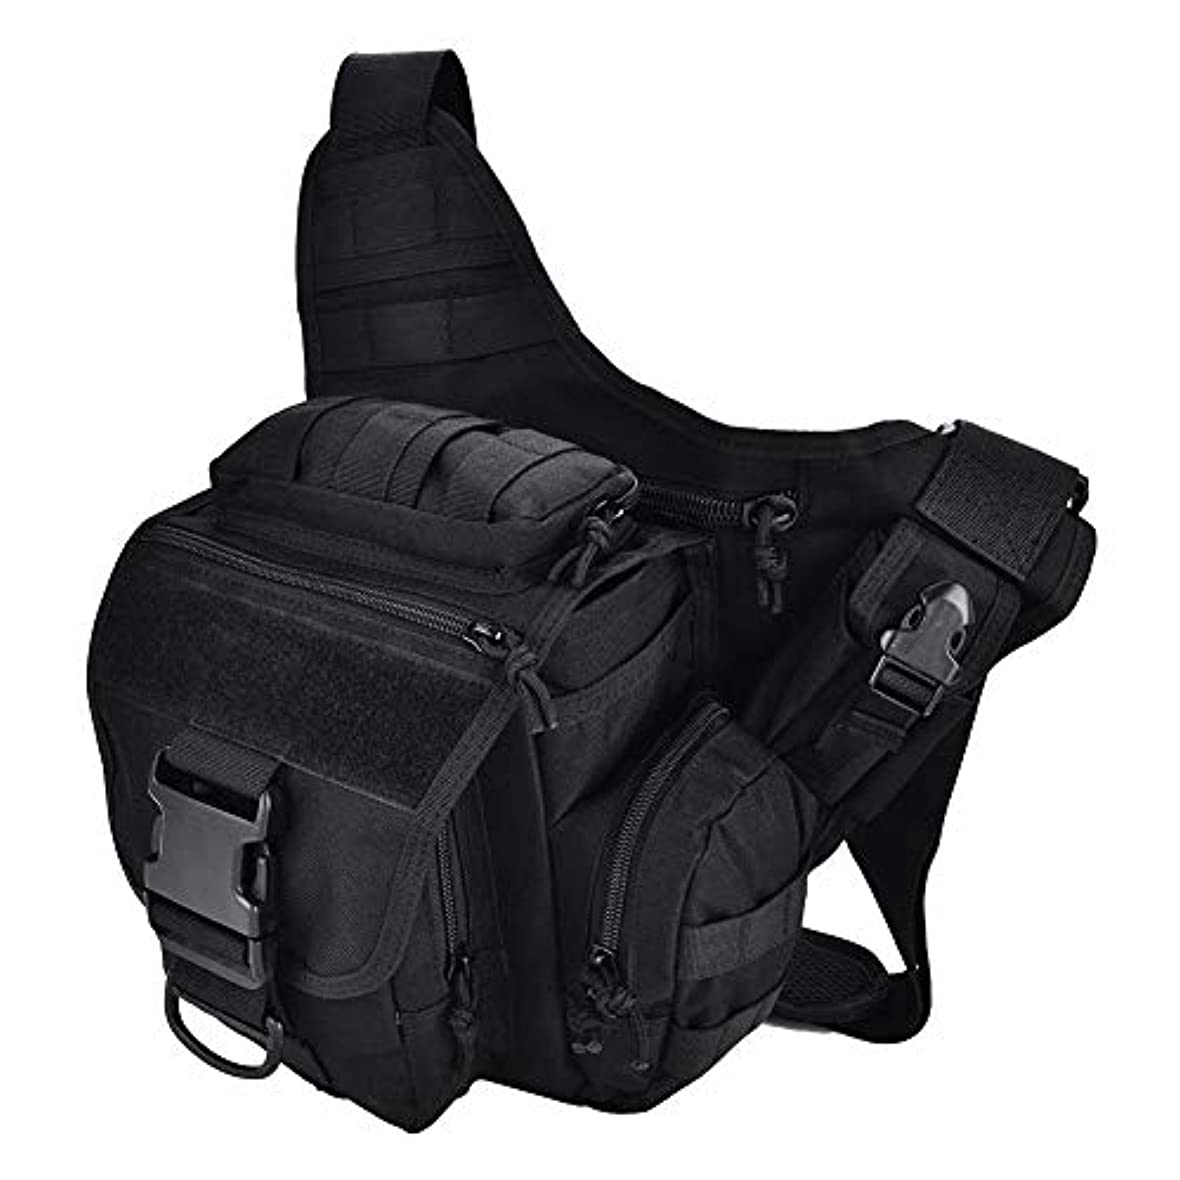 闇追記緩めるチェストバッグ ワンショルダーバッグ 通気性 防水性 調整可能なストラップ